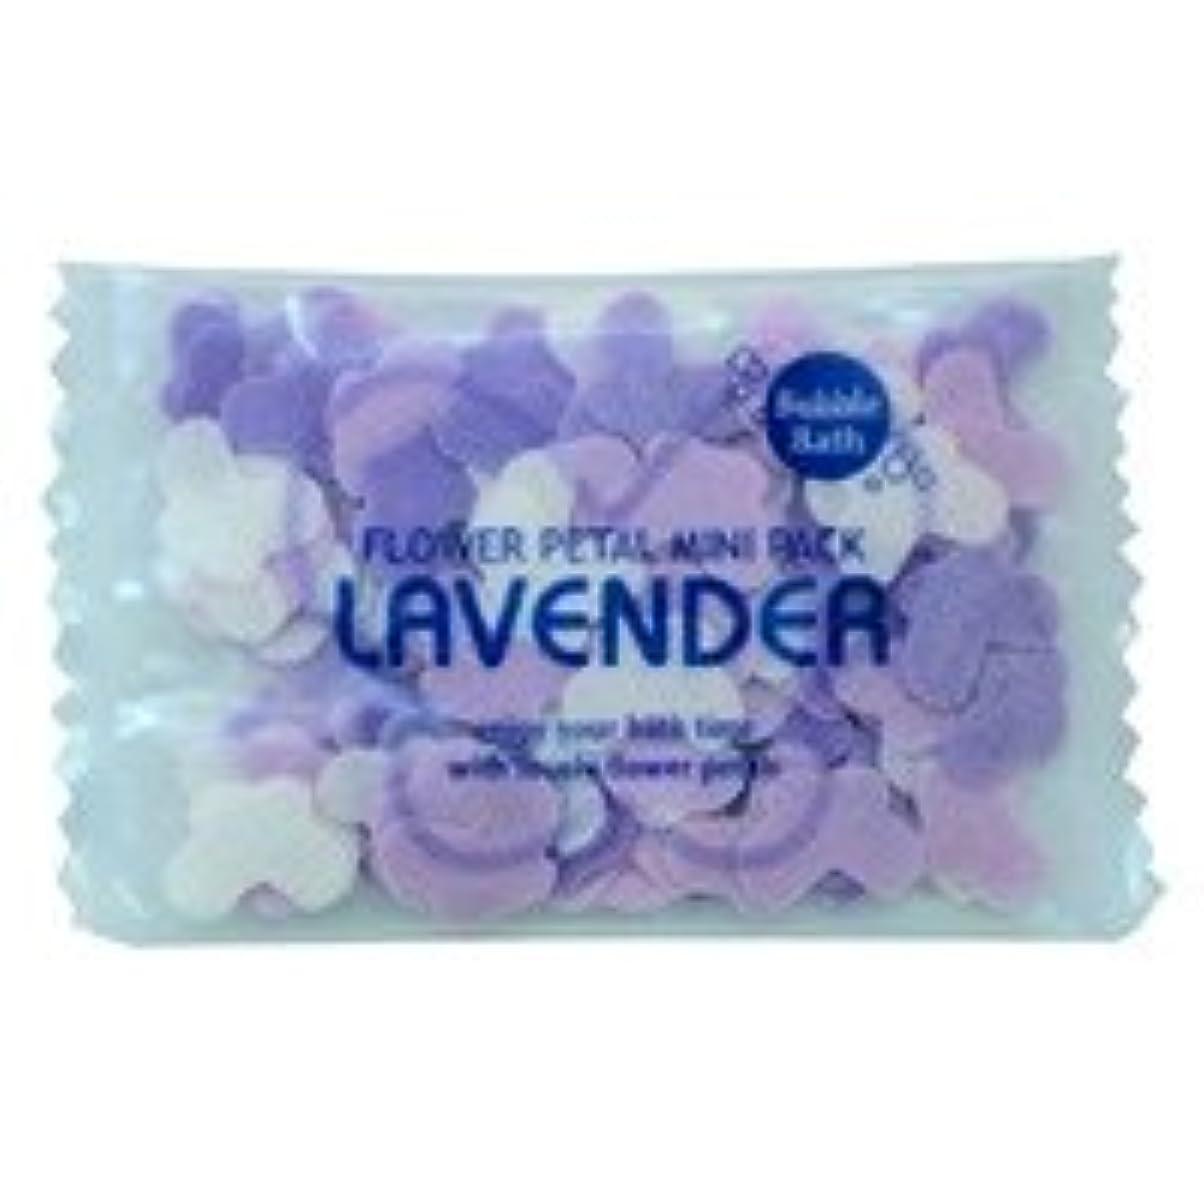 とまり木示す発表フラワーペタル バブルバス ミニパック「ラベンダー」20個セット ゆったりリラックスしたい日に心を癒してくれるやさしいラベンダーの香り